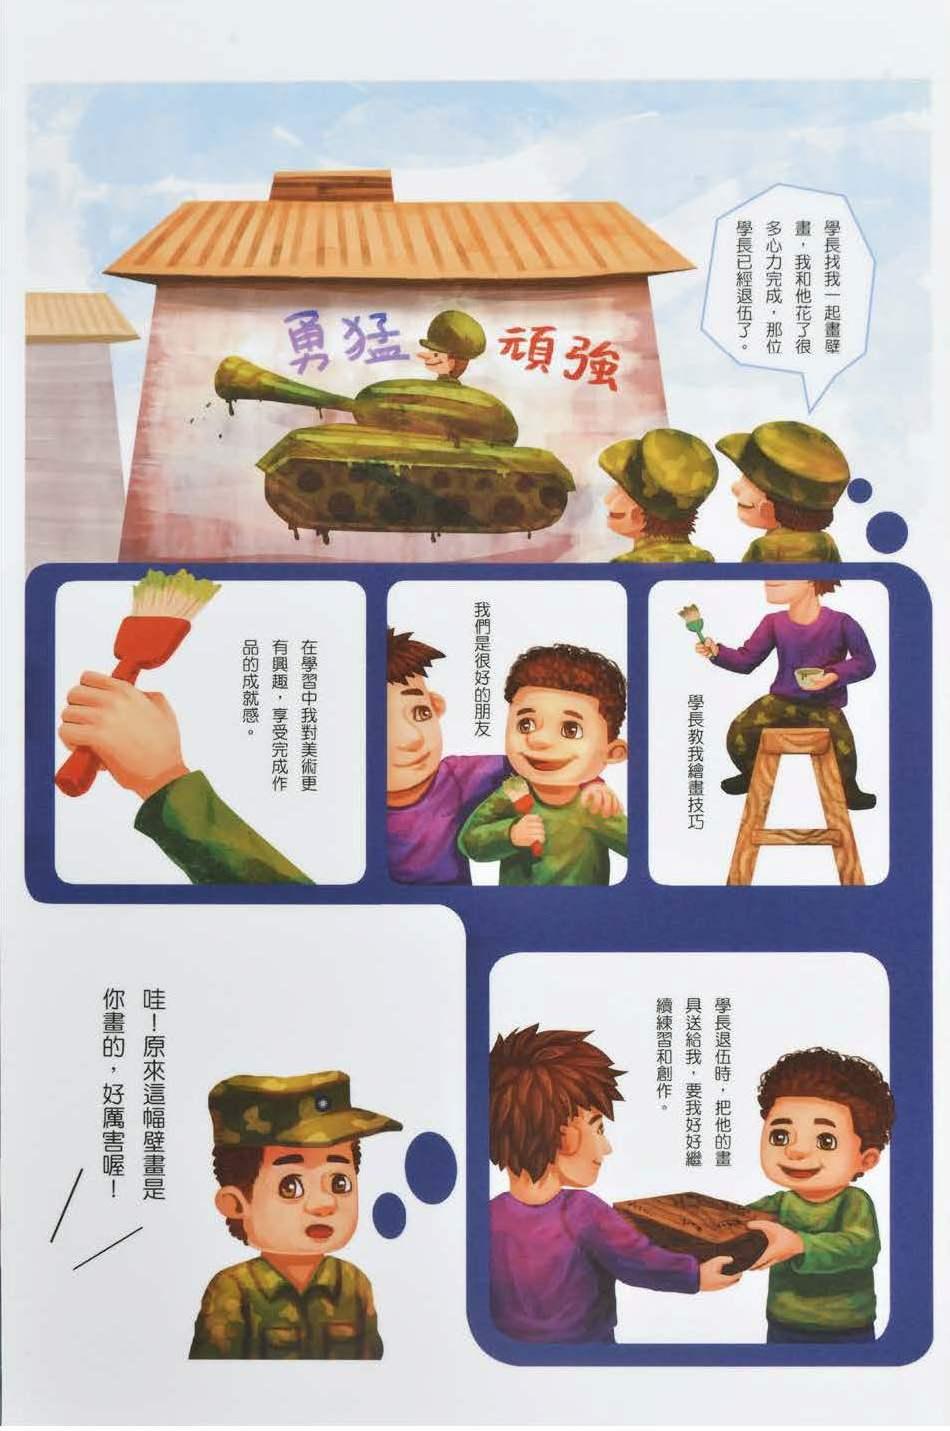 50屆漫畫類優選_戰藝相傳10_陳彥鈞.jpg